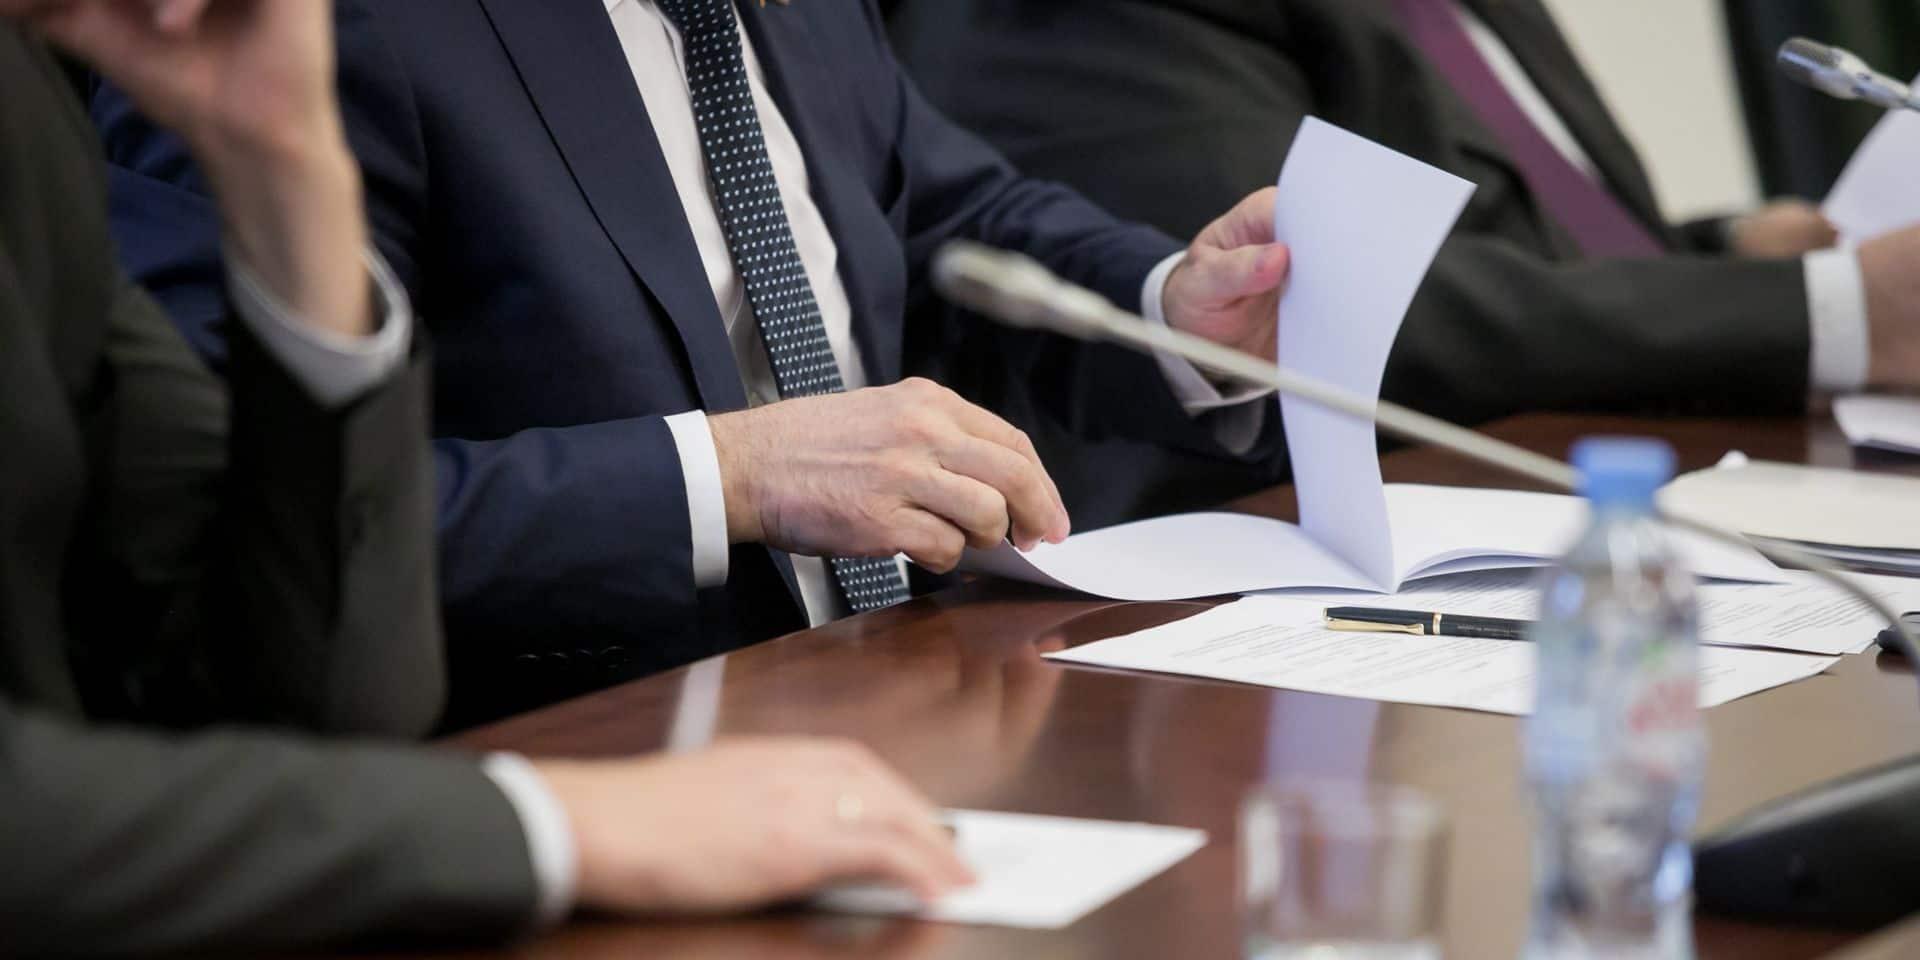 L'an dernier, 55 mandataires n'ont pas déposé leur liste de mandats comme le prévoit la loi